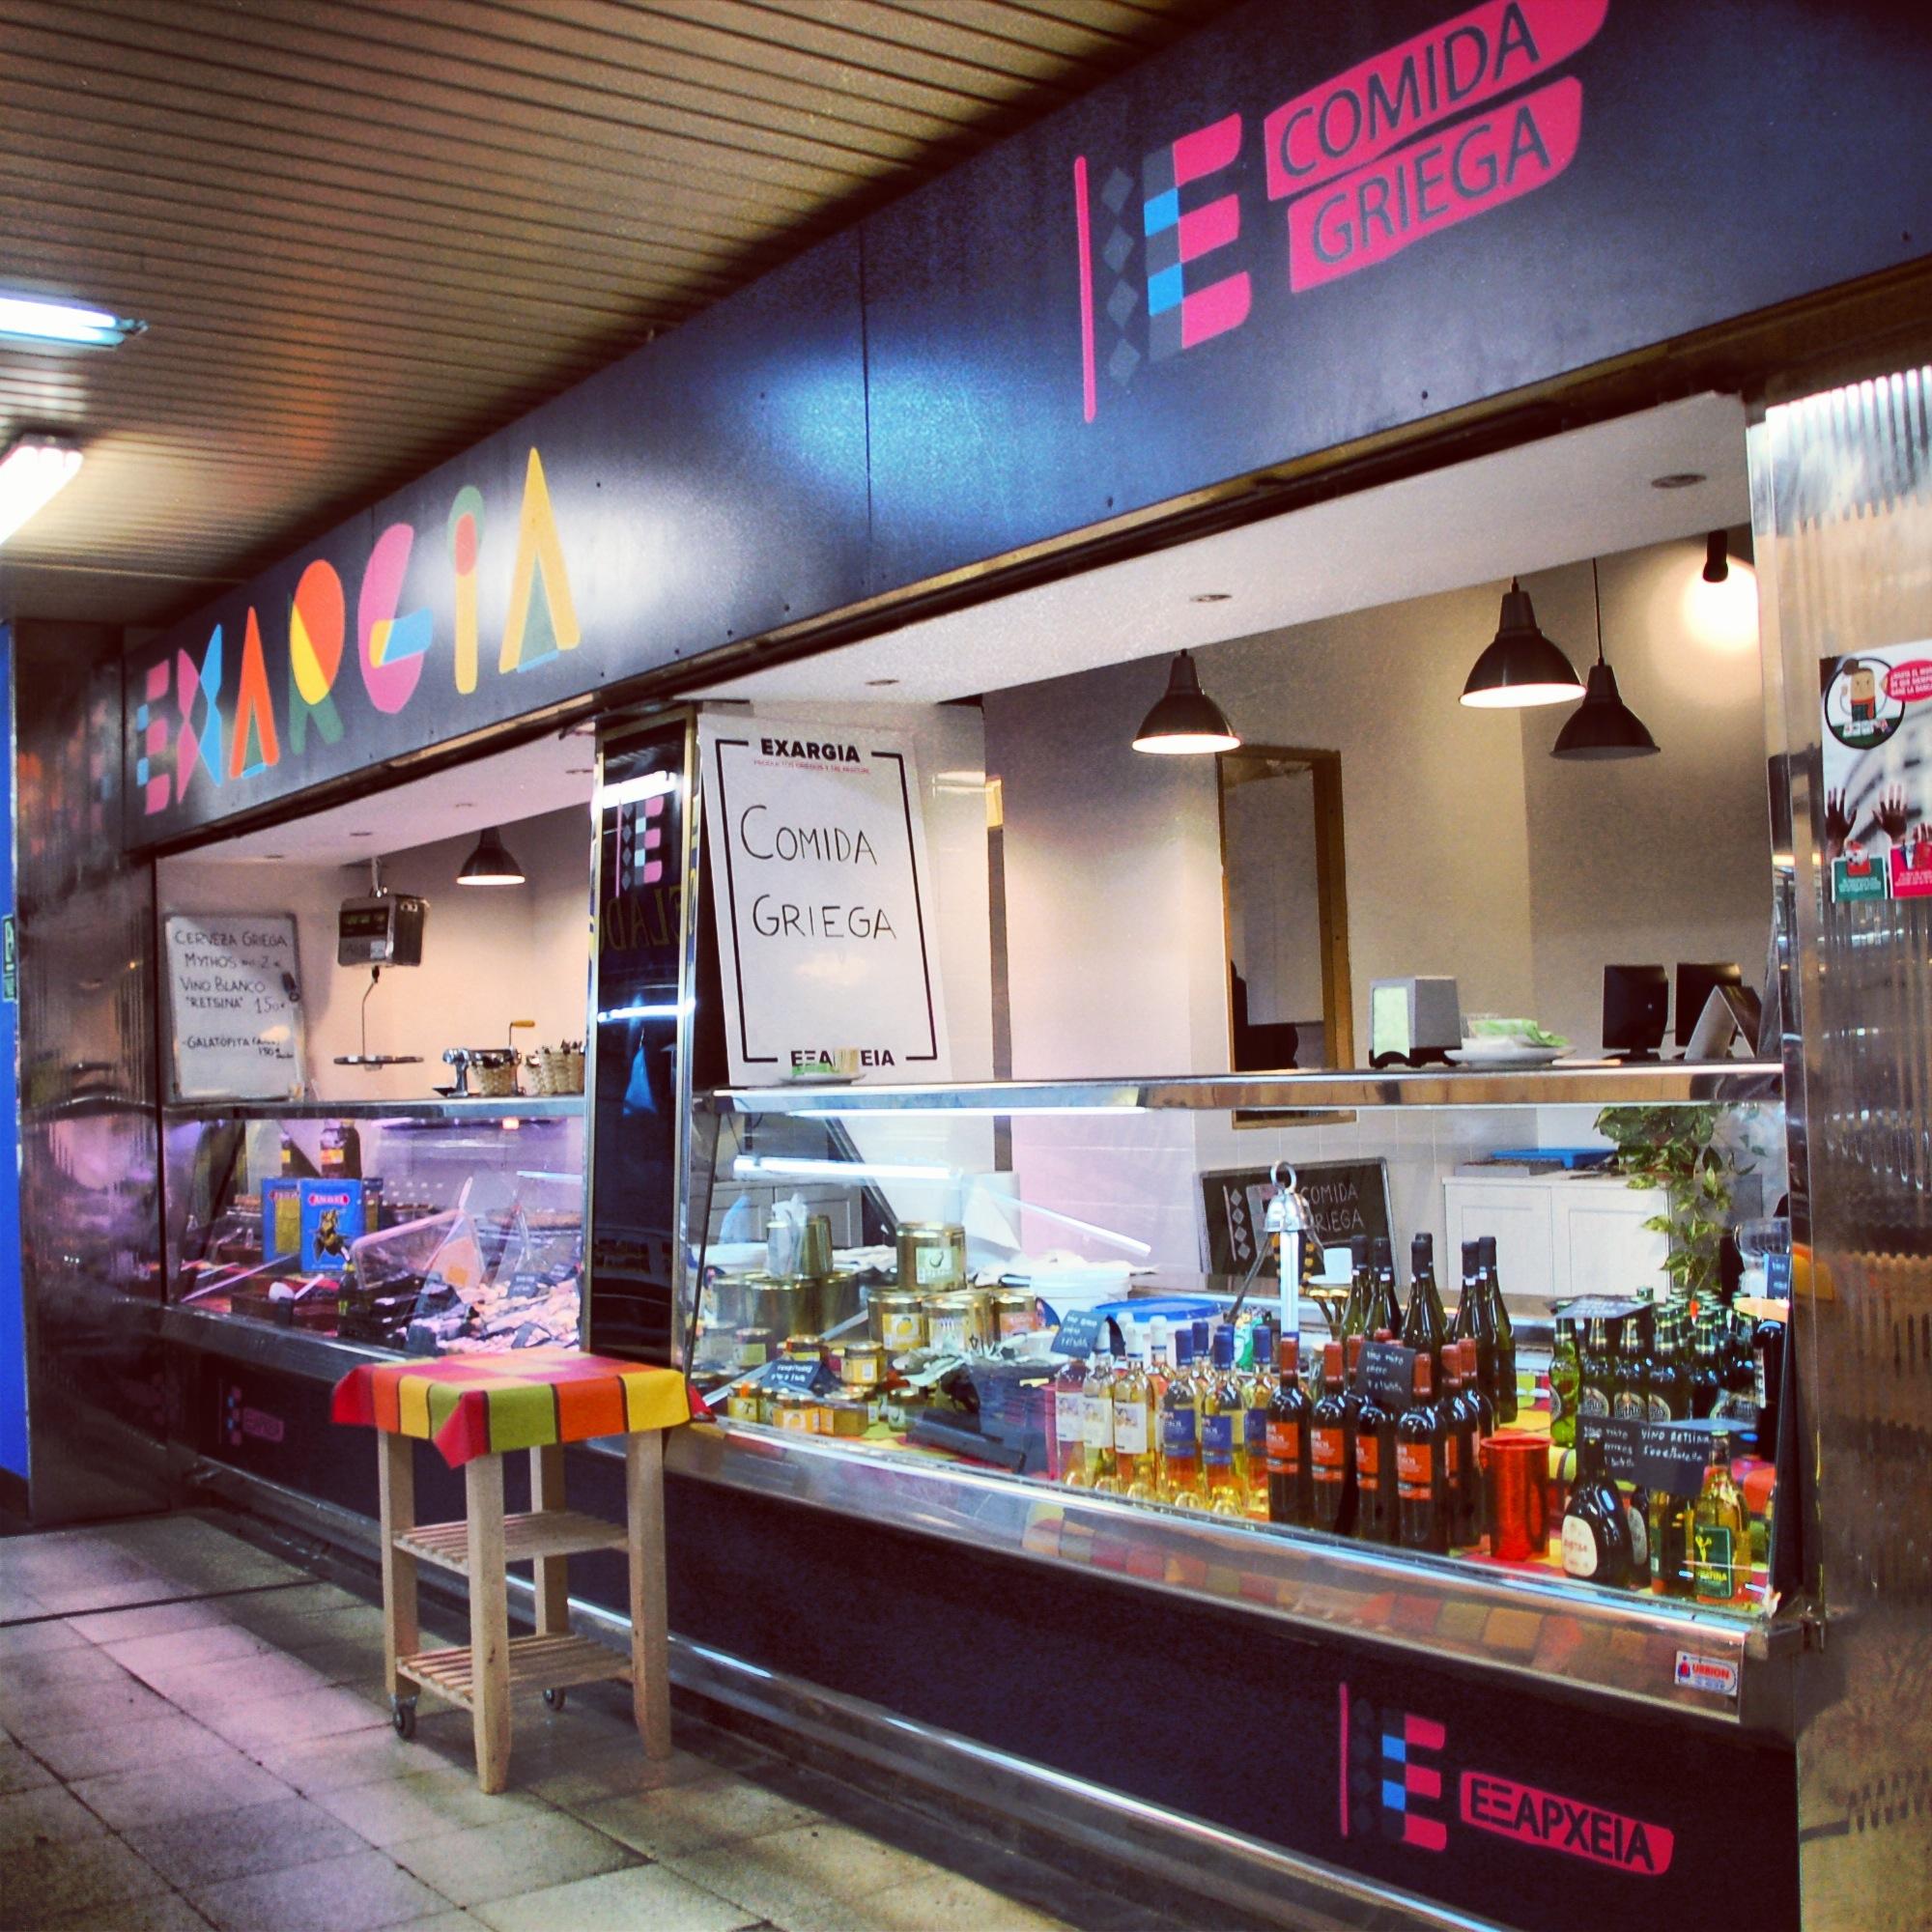 Mejores puestos comer mercados Madrid - Exargia